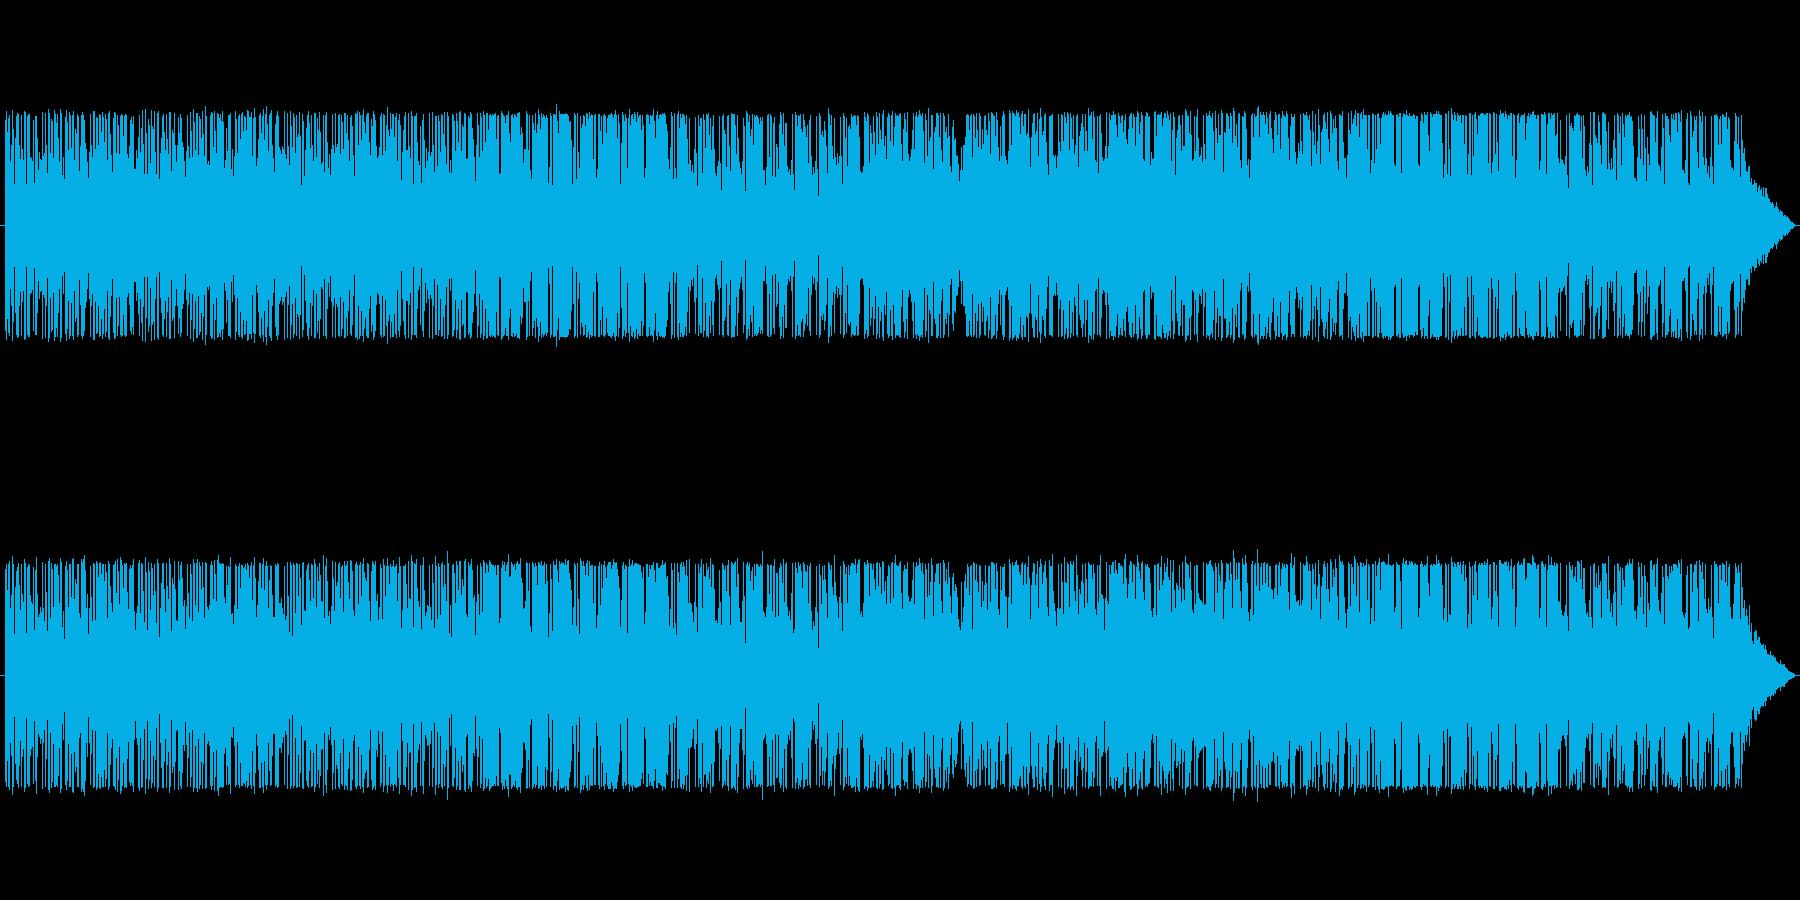 暗く不穏なR&B風BGMの再生済みの波形